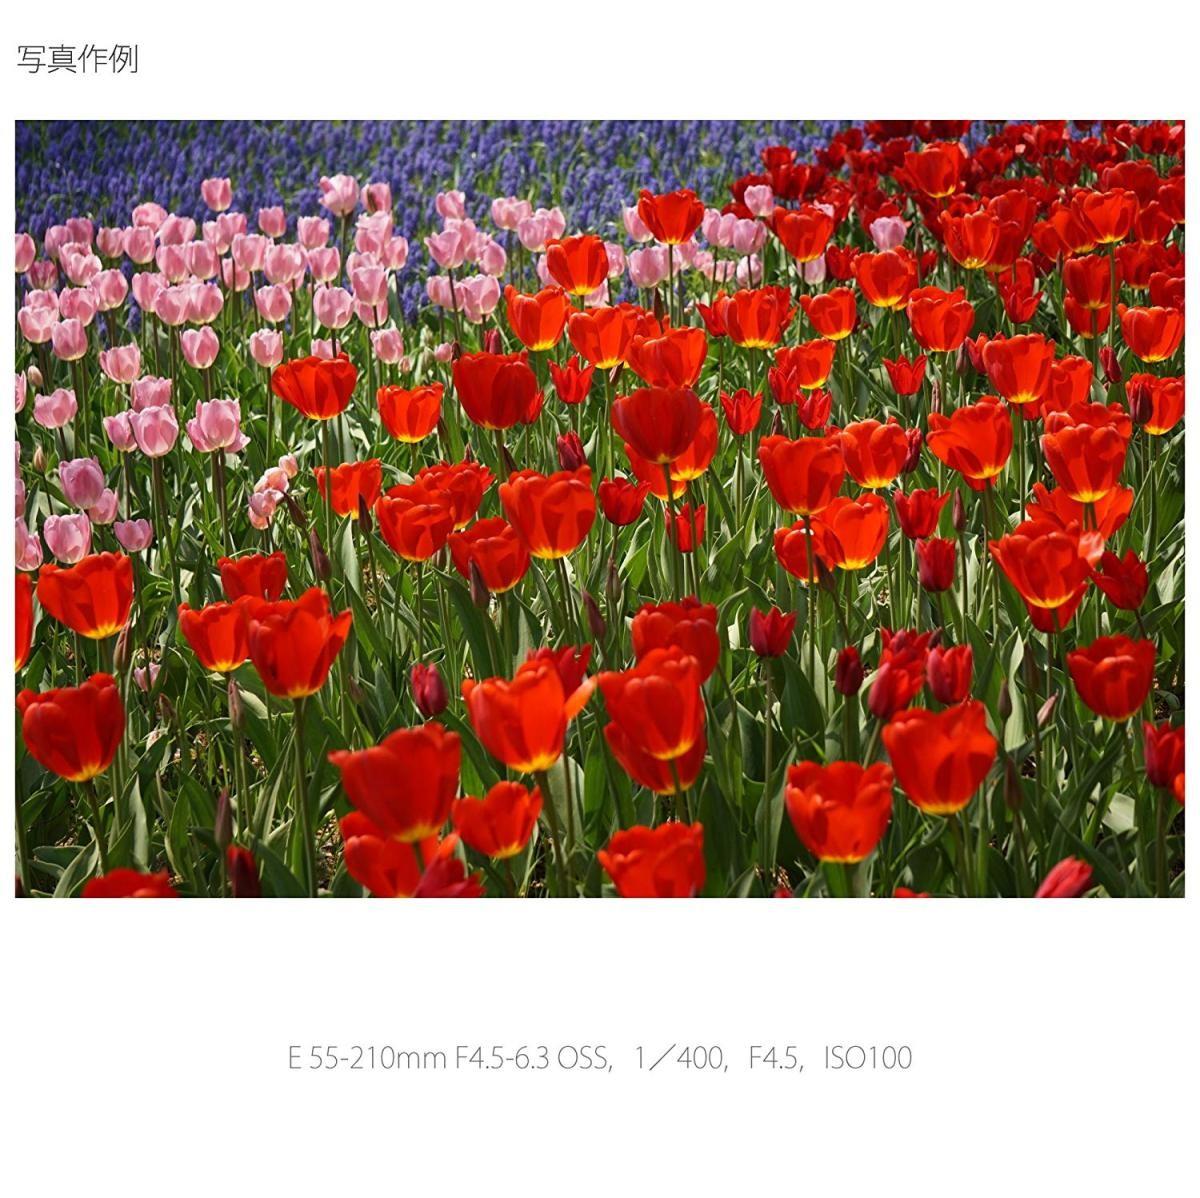 ソニー E 55-210mm F4.5-6.3 OSS SEL55210 Sの商品画像|3